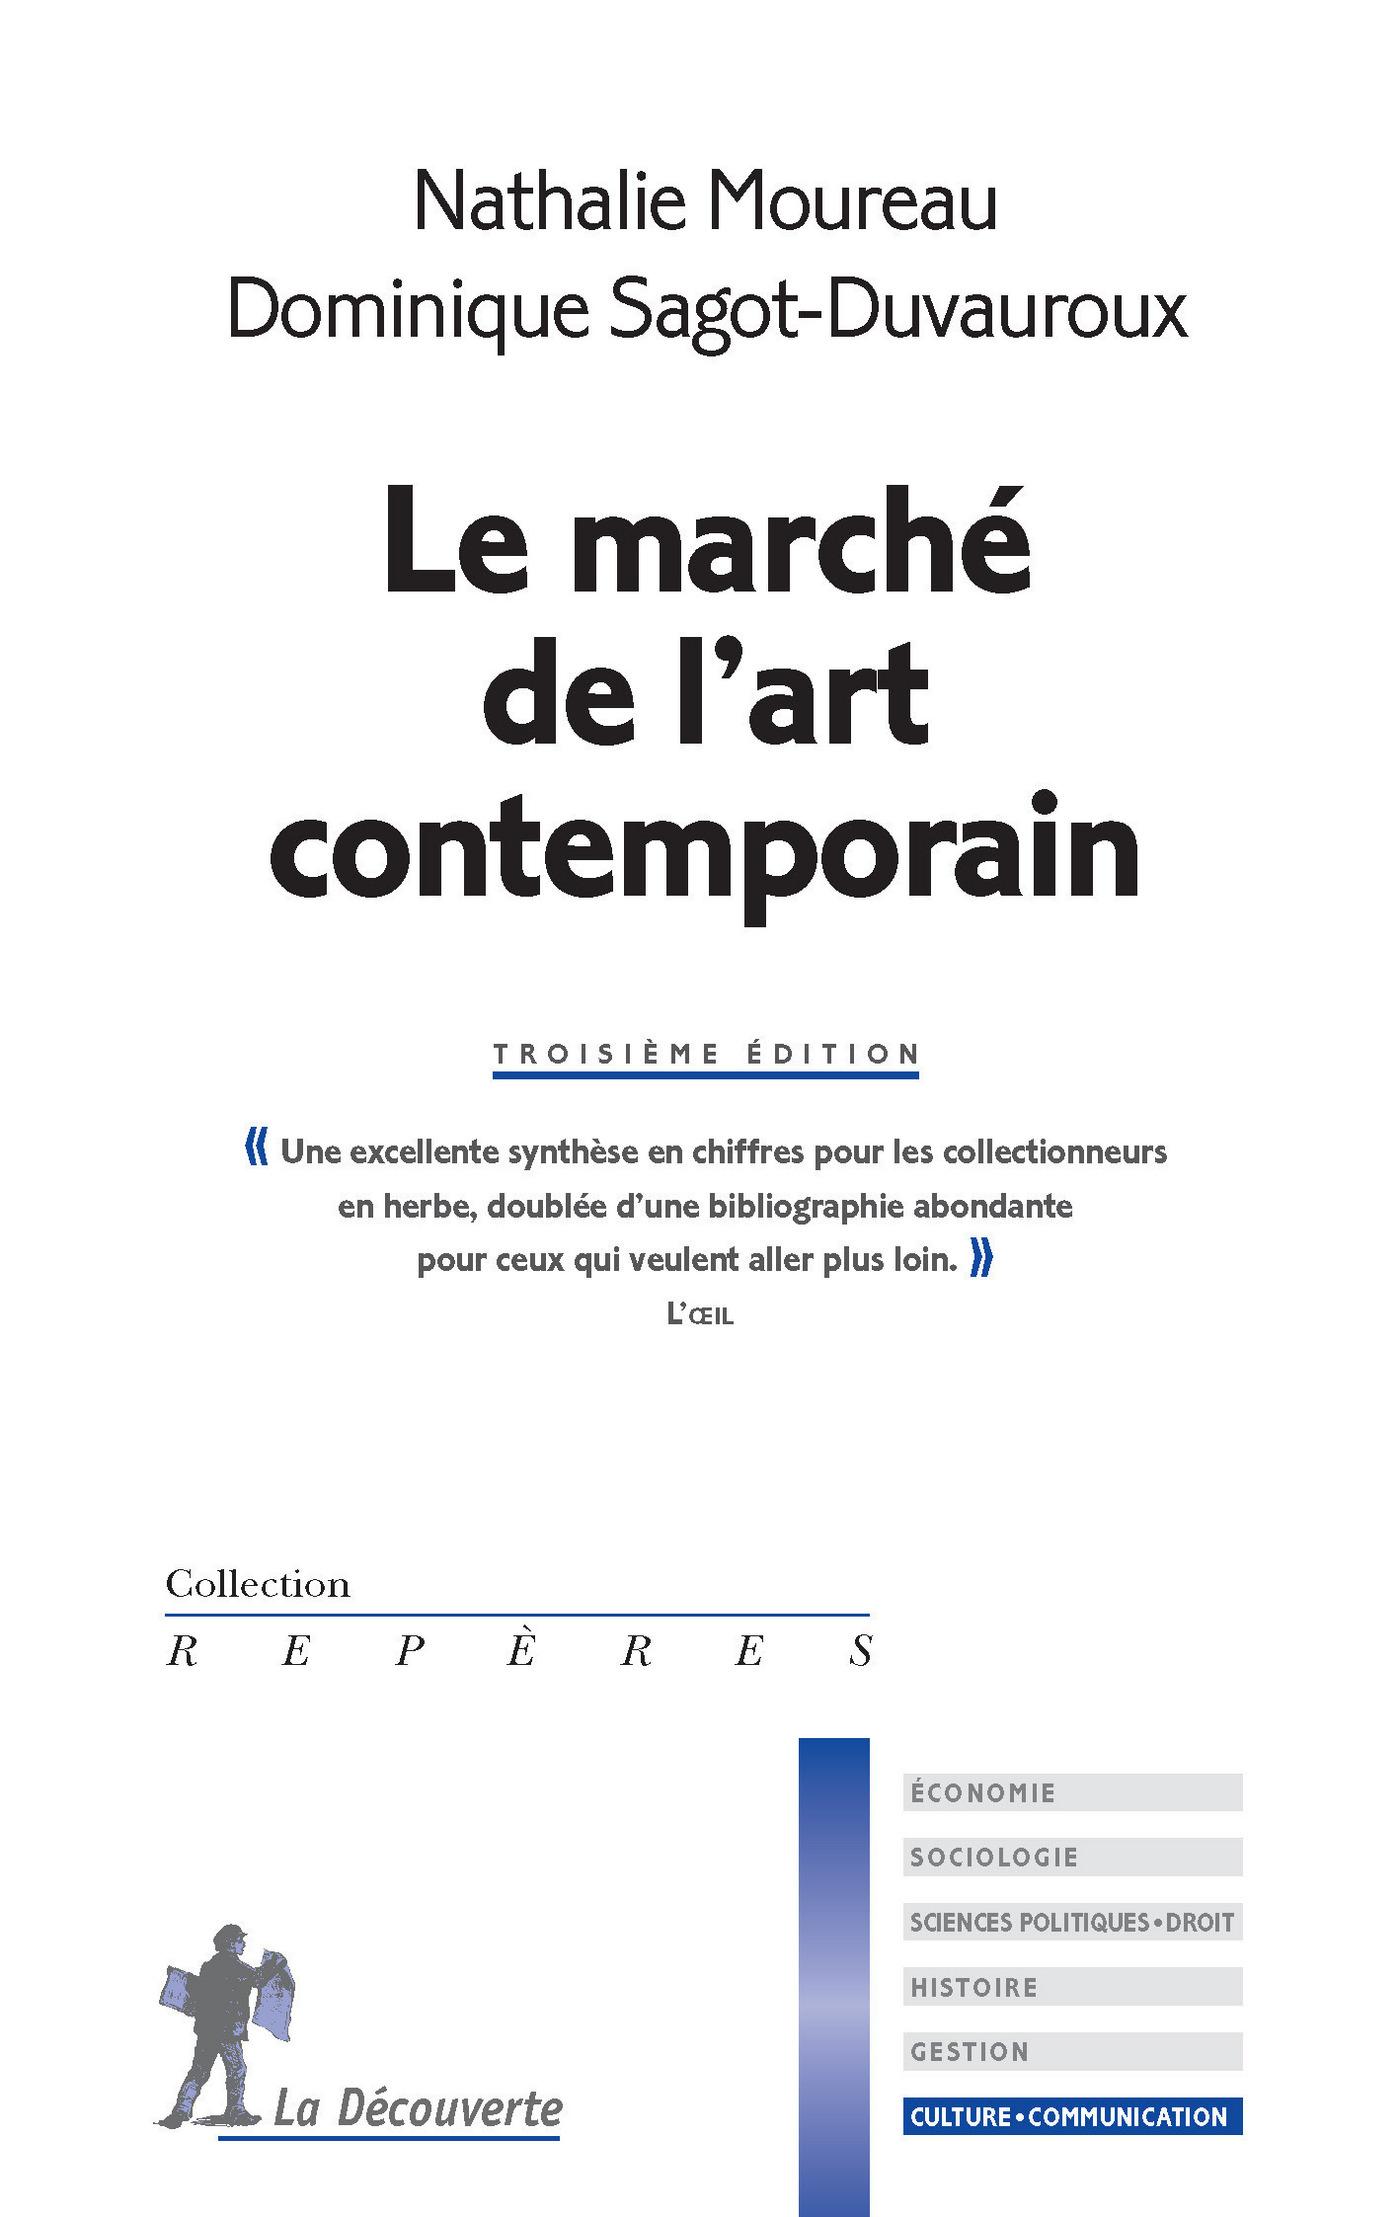 Le marché de l'art contemporain